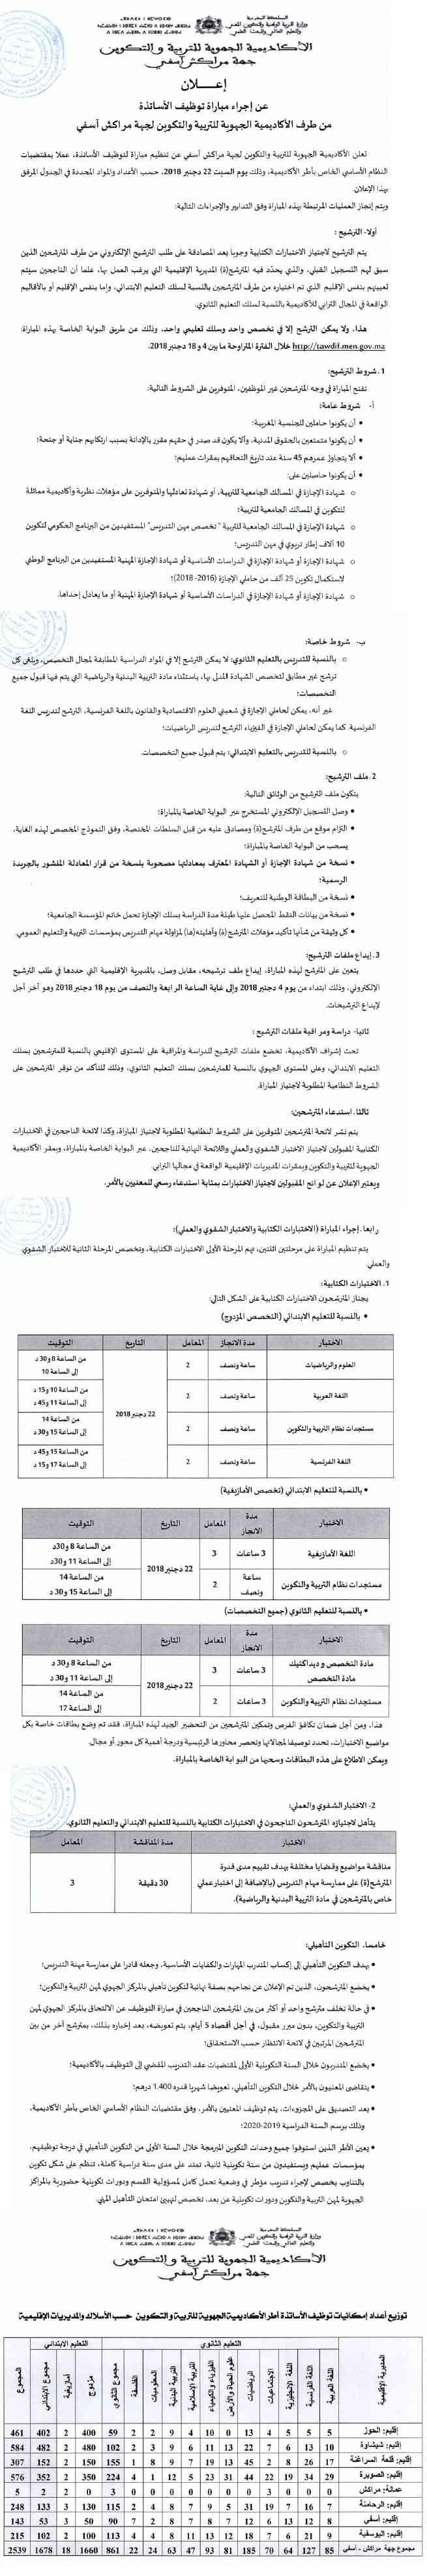 الأكاديمية الجهوية للتربية والتكوين لجهة مراكش أسفي : مباراة لتوظيف بموجب عقد توظيف الأساتذة 2539 منصب آخر أجل 18 دجنبر 2018 O_ouaa14